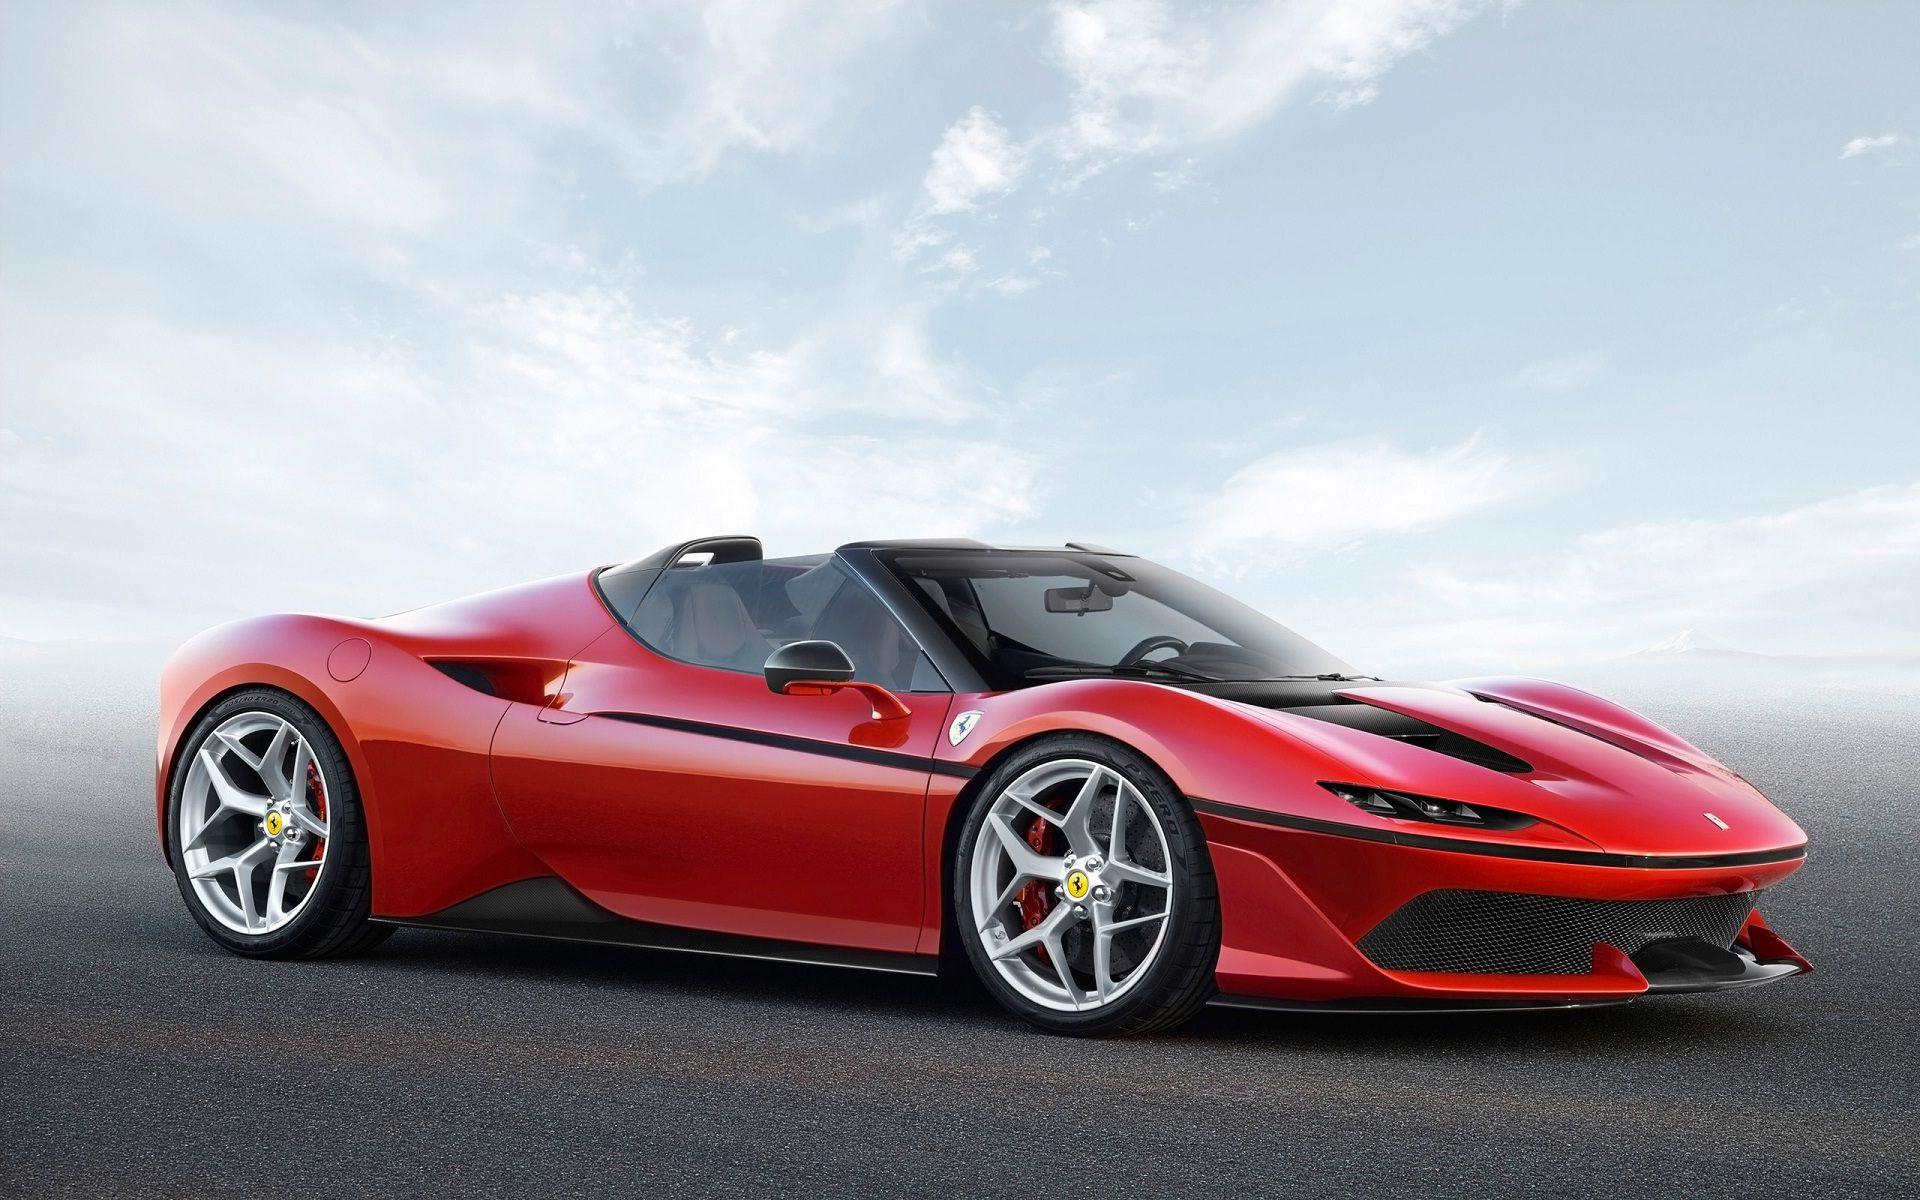 Wonderful Ferrari Wallpaper X For Wallpaper Hd X With